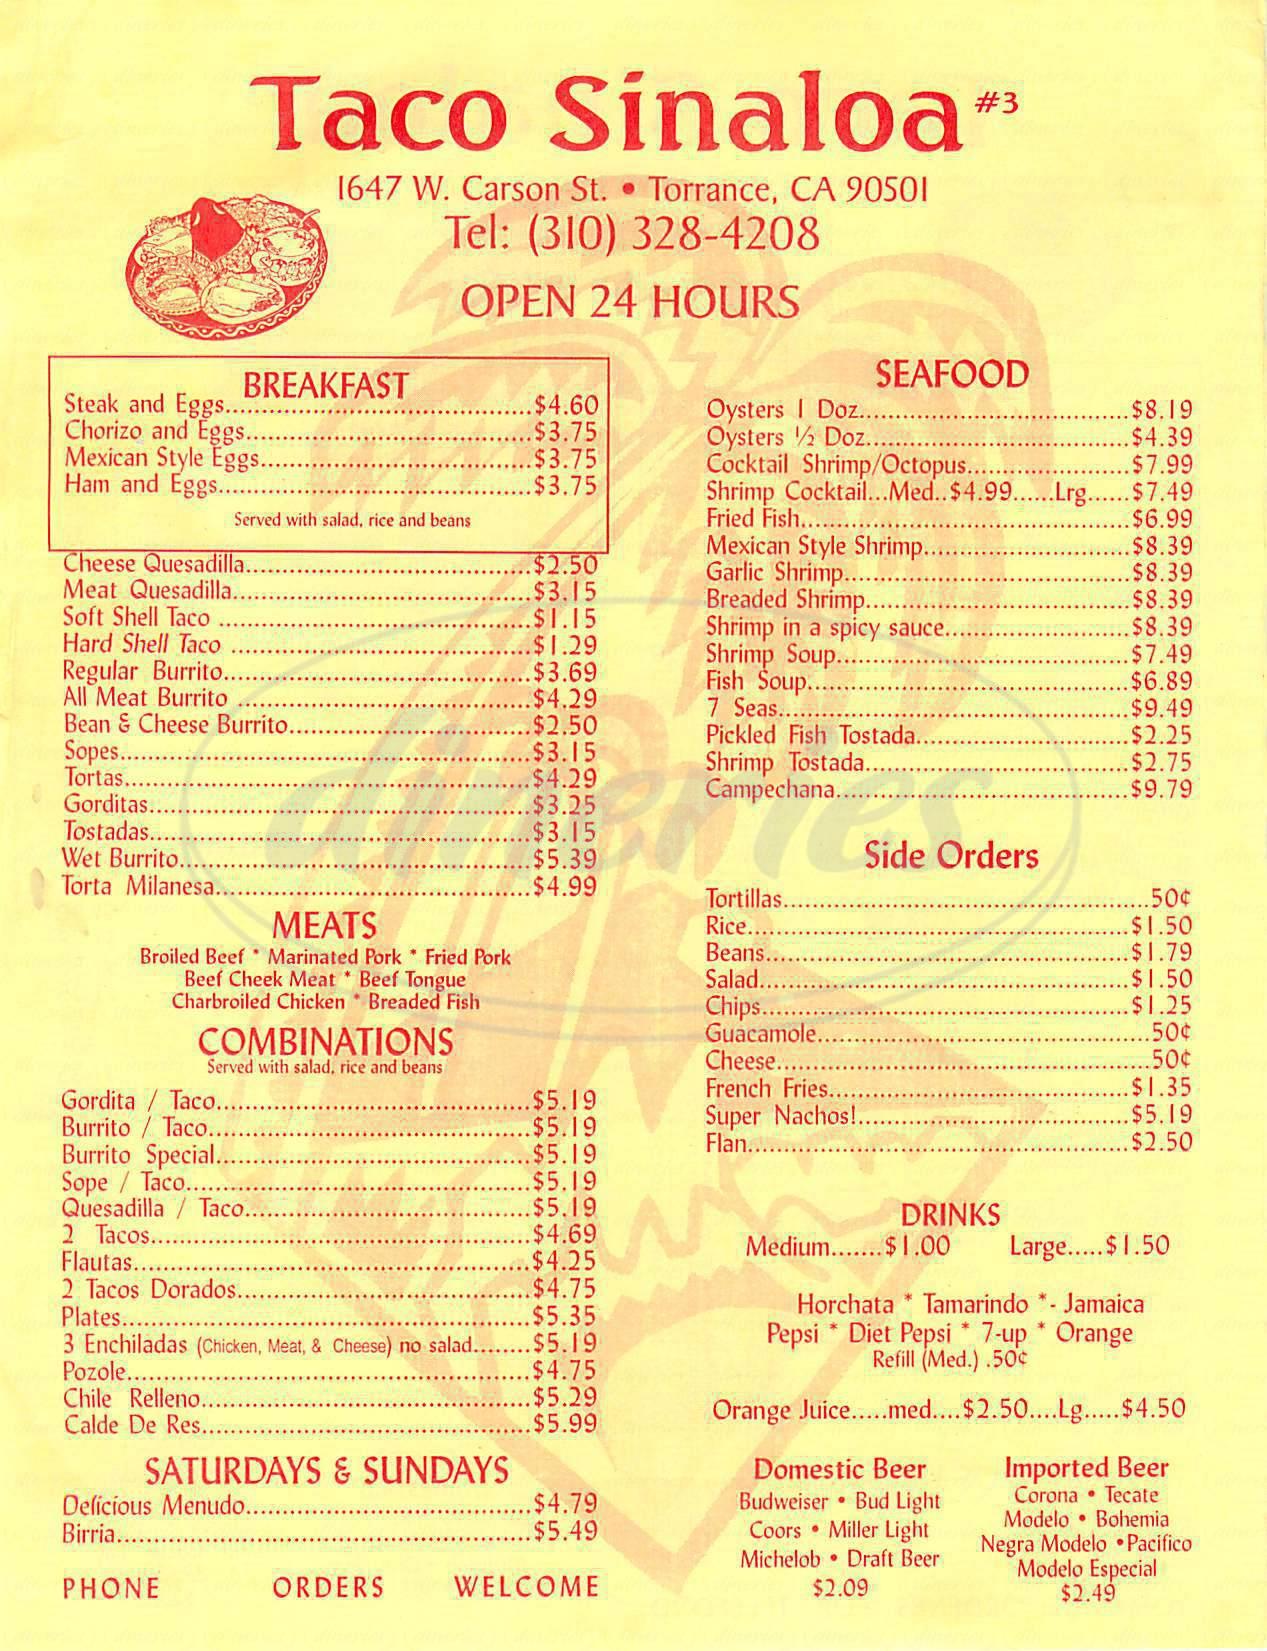 menu for Taco Sinaloa 3